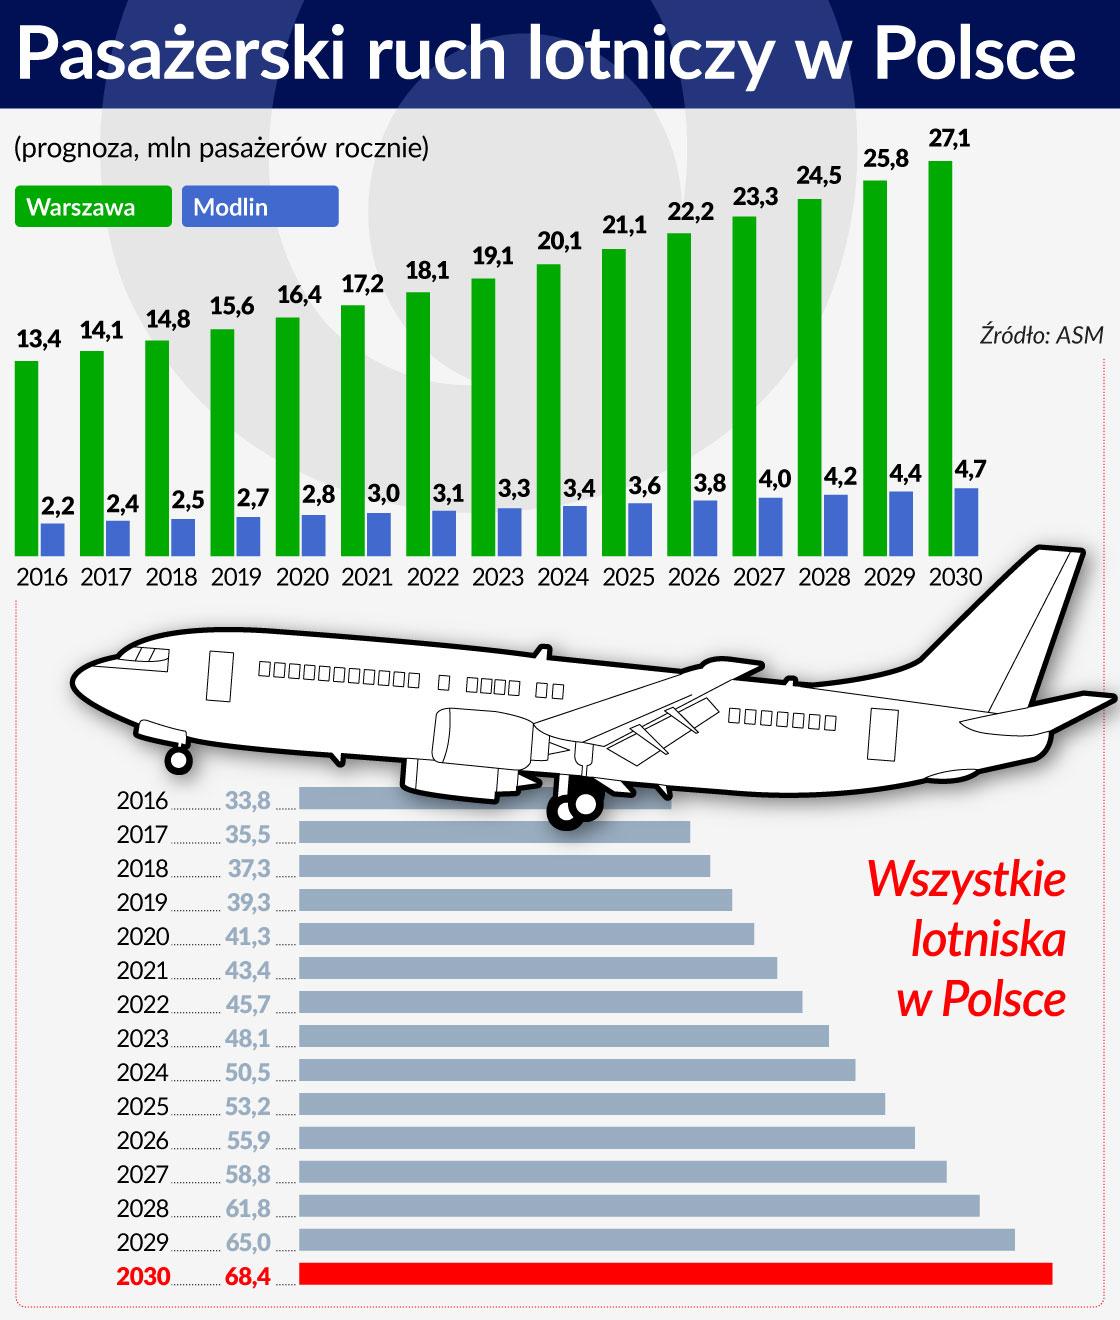 Pasażerski ruch lotniczy w Polsce - prognoza